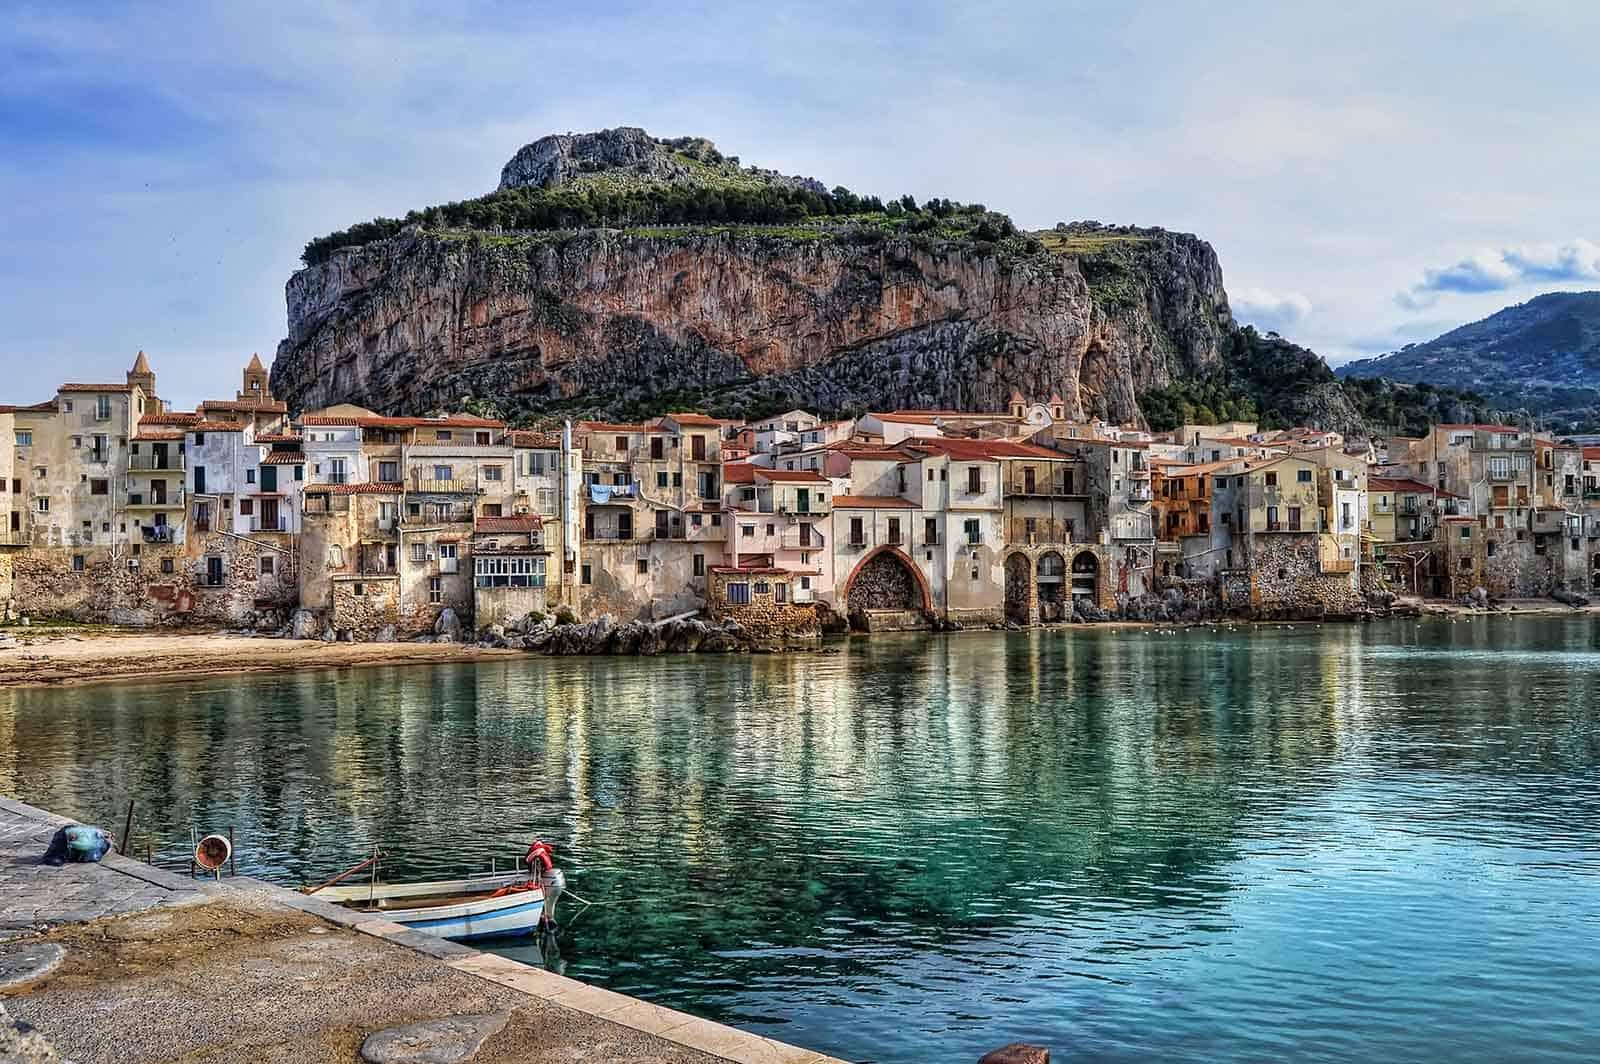 Italien - Sicilien - Cefalu